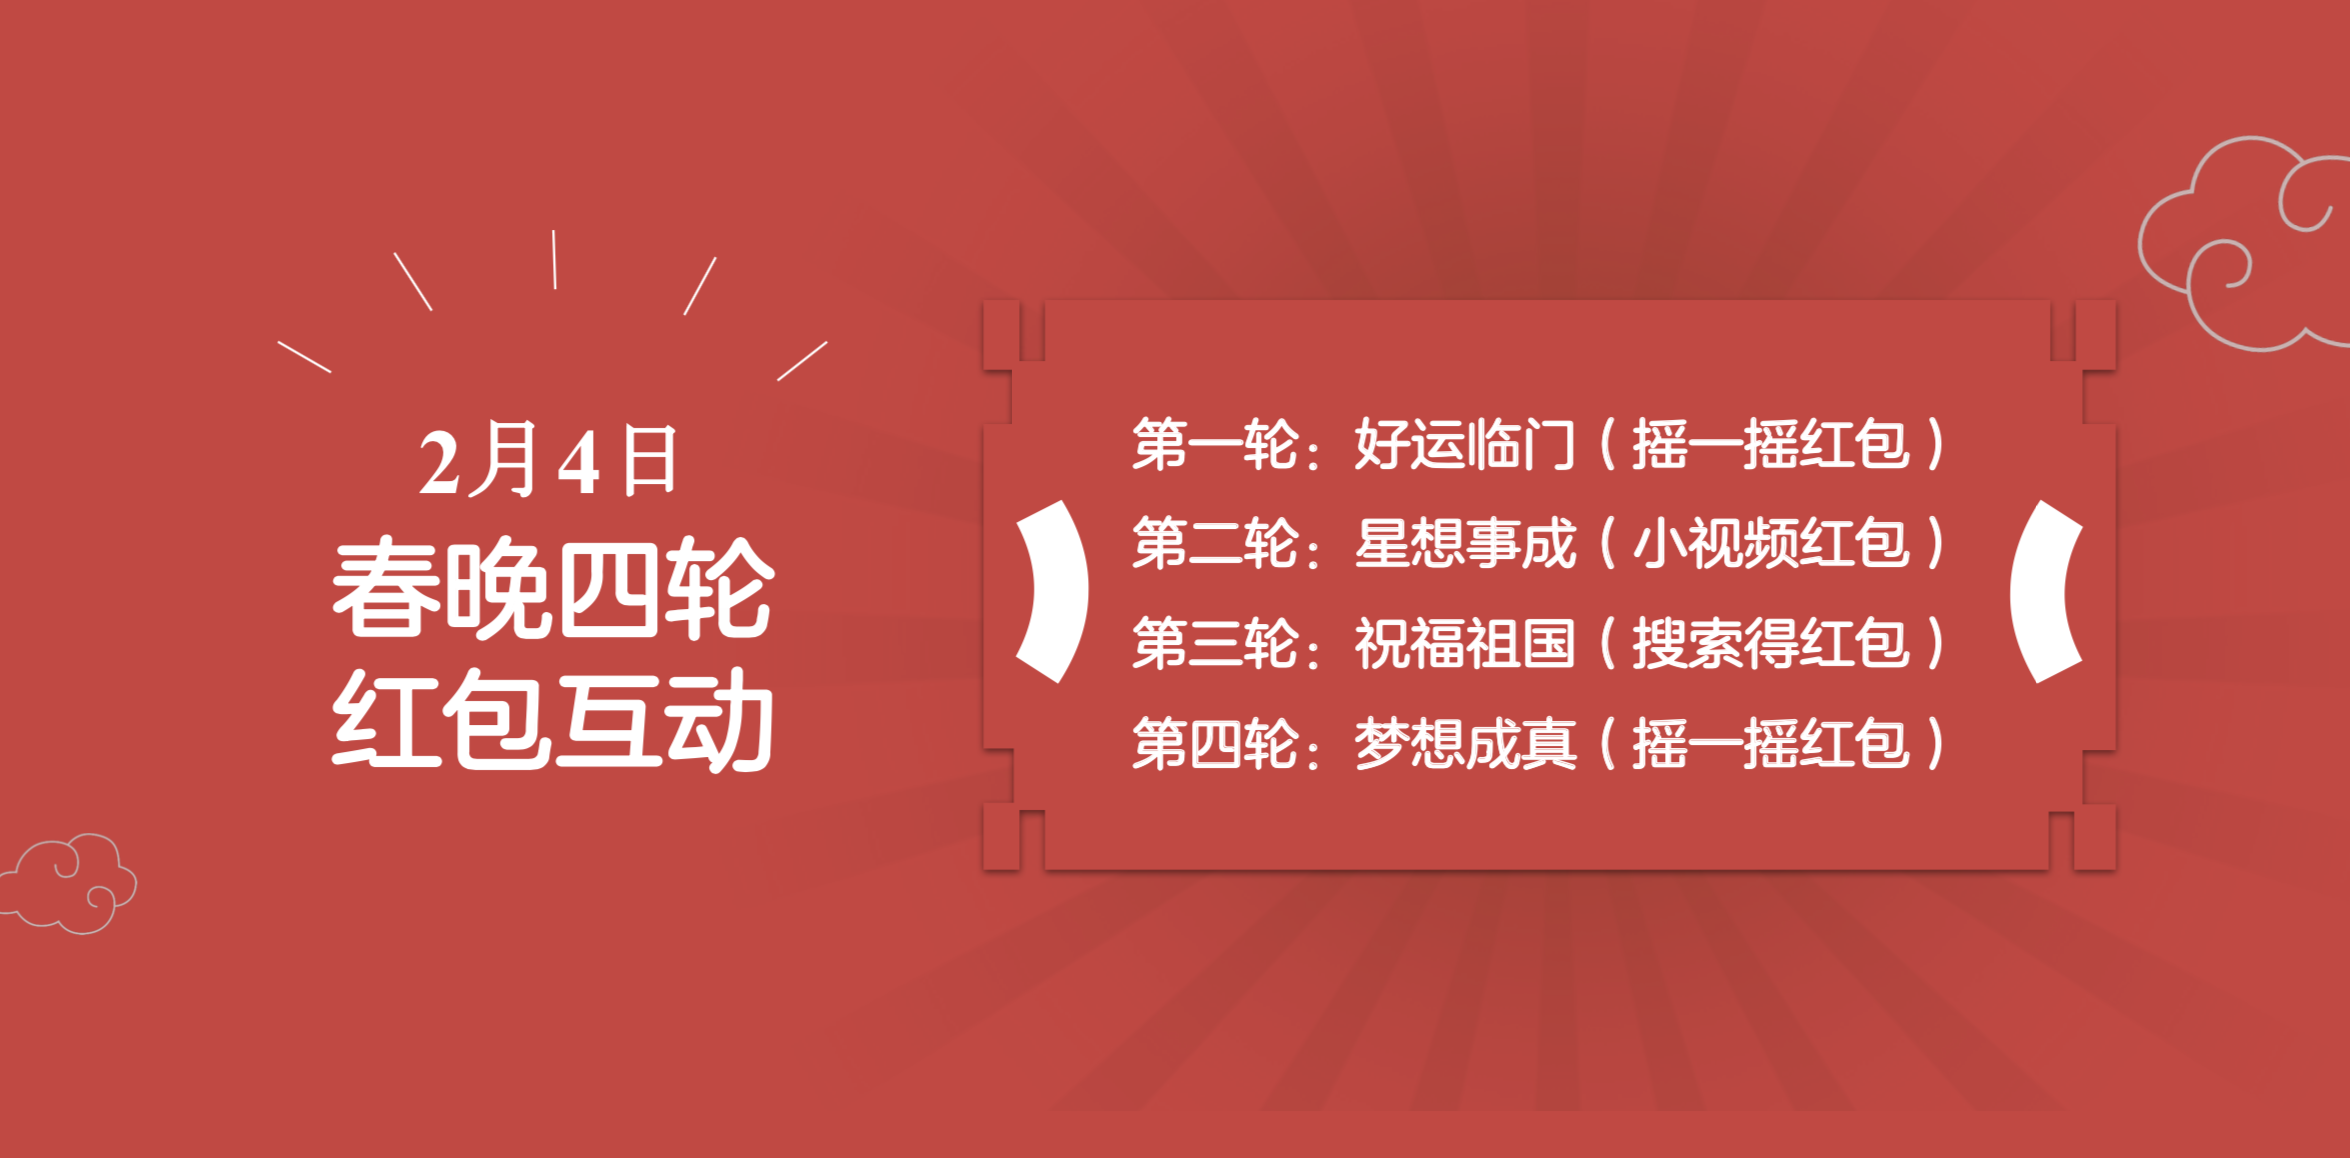 """云计算的春节战场:从""""人肉""""到智能"""